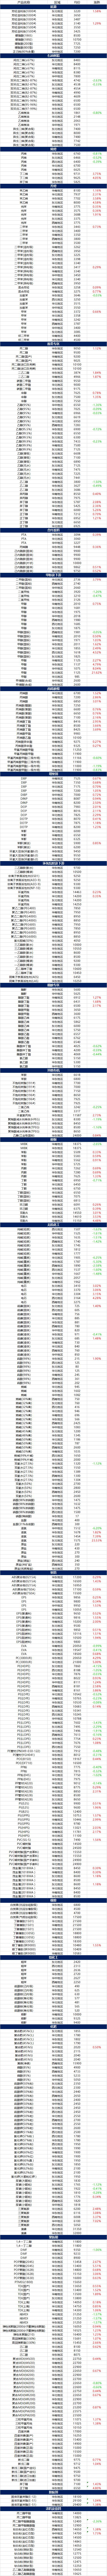 11月10日摩贝基础化学品价格行情